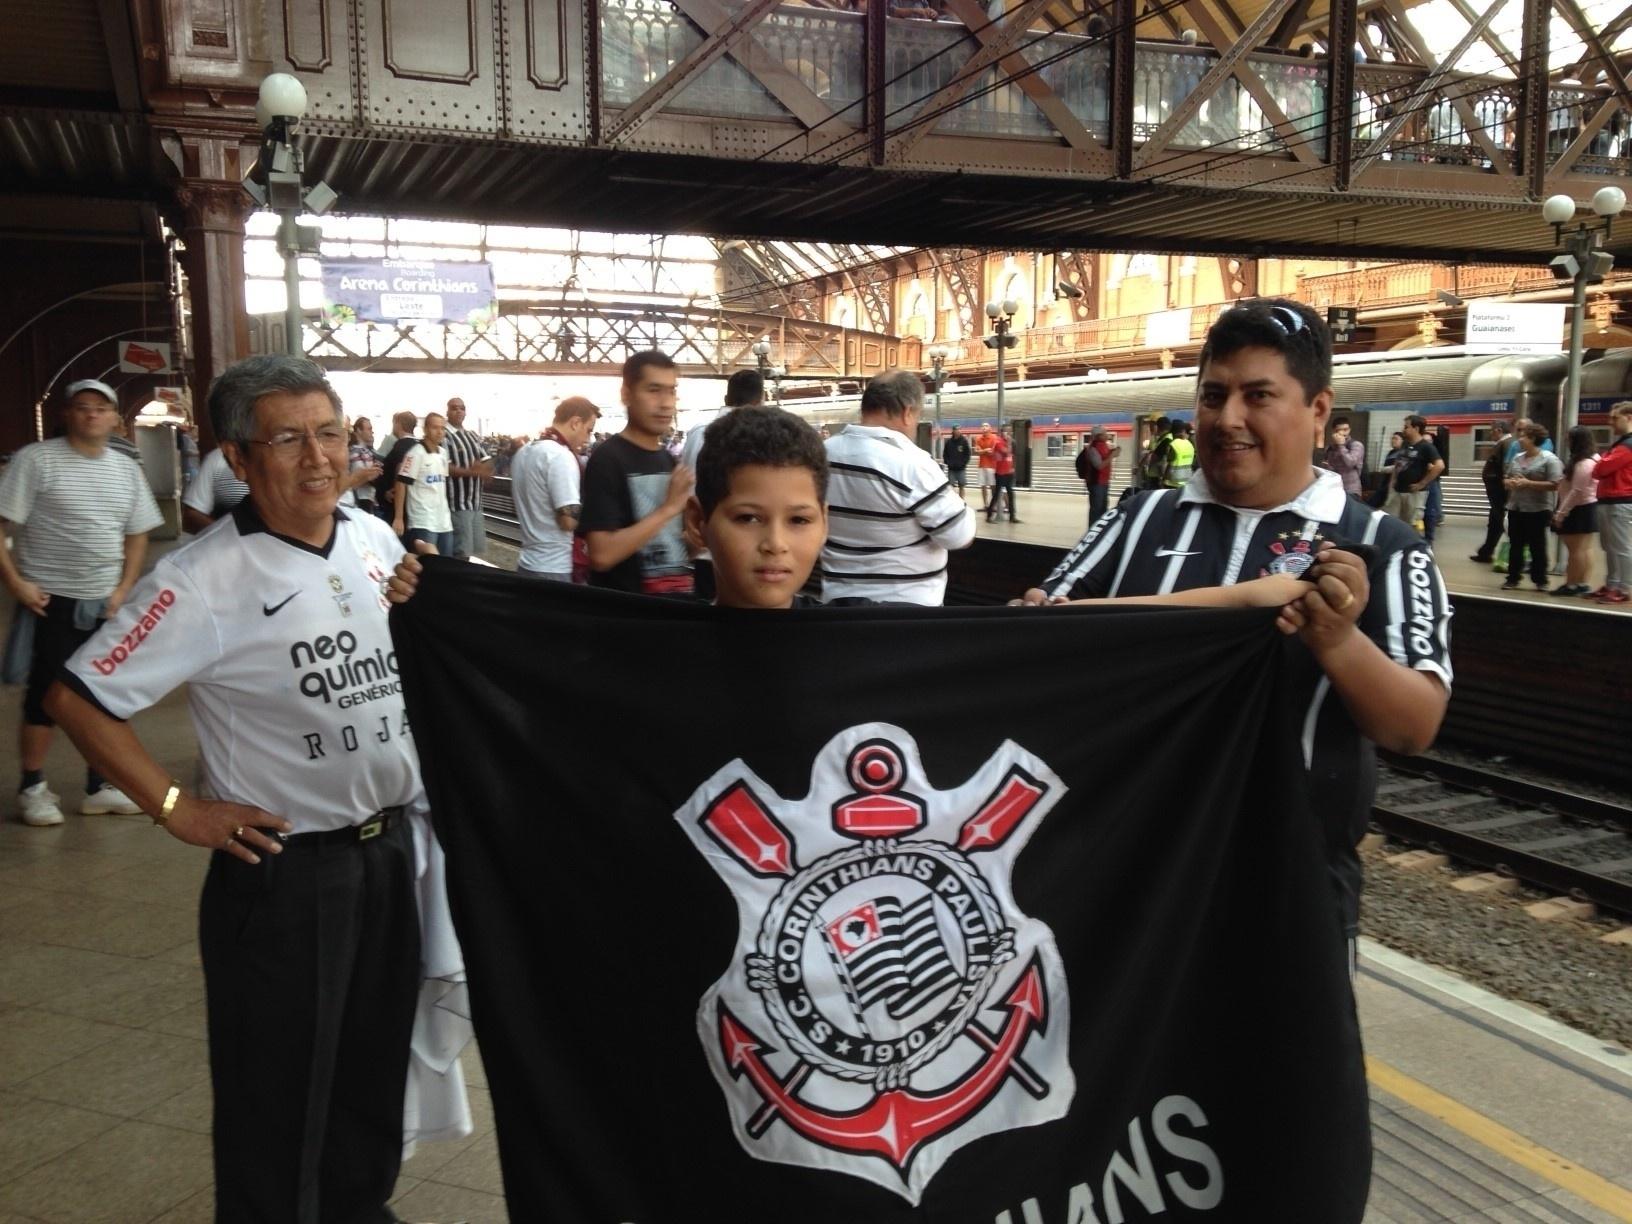 18.mai.2014 - Corintianos aguardam o Expresso da Copa para chegar ao Itaquerão, que será inaugurado neste domingo com o jogo entre Corinthians e Figueirense